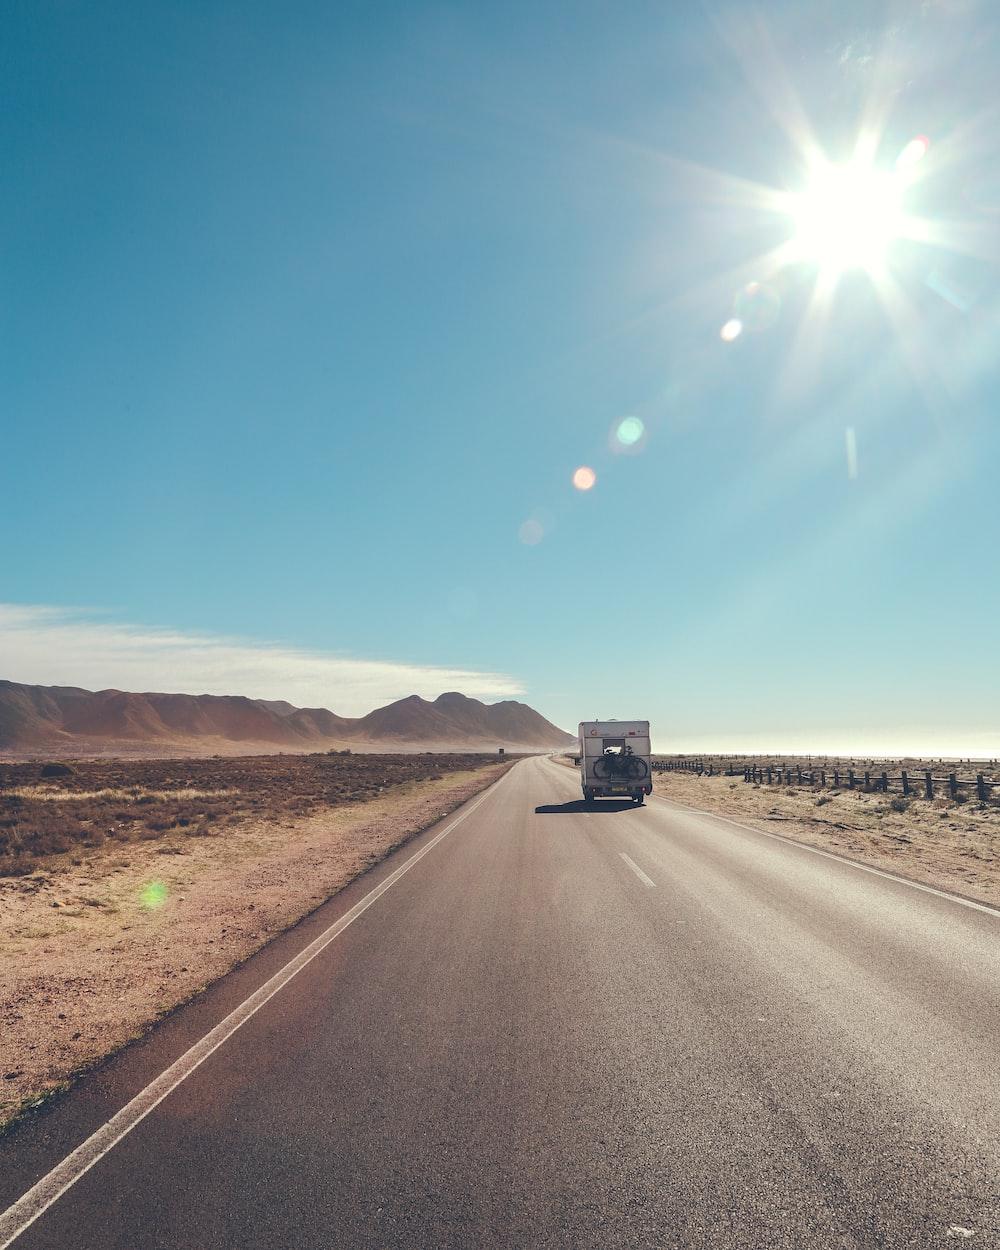 car on black asphalt road